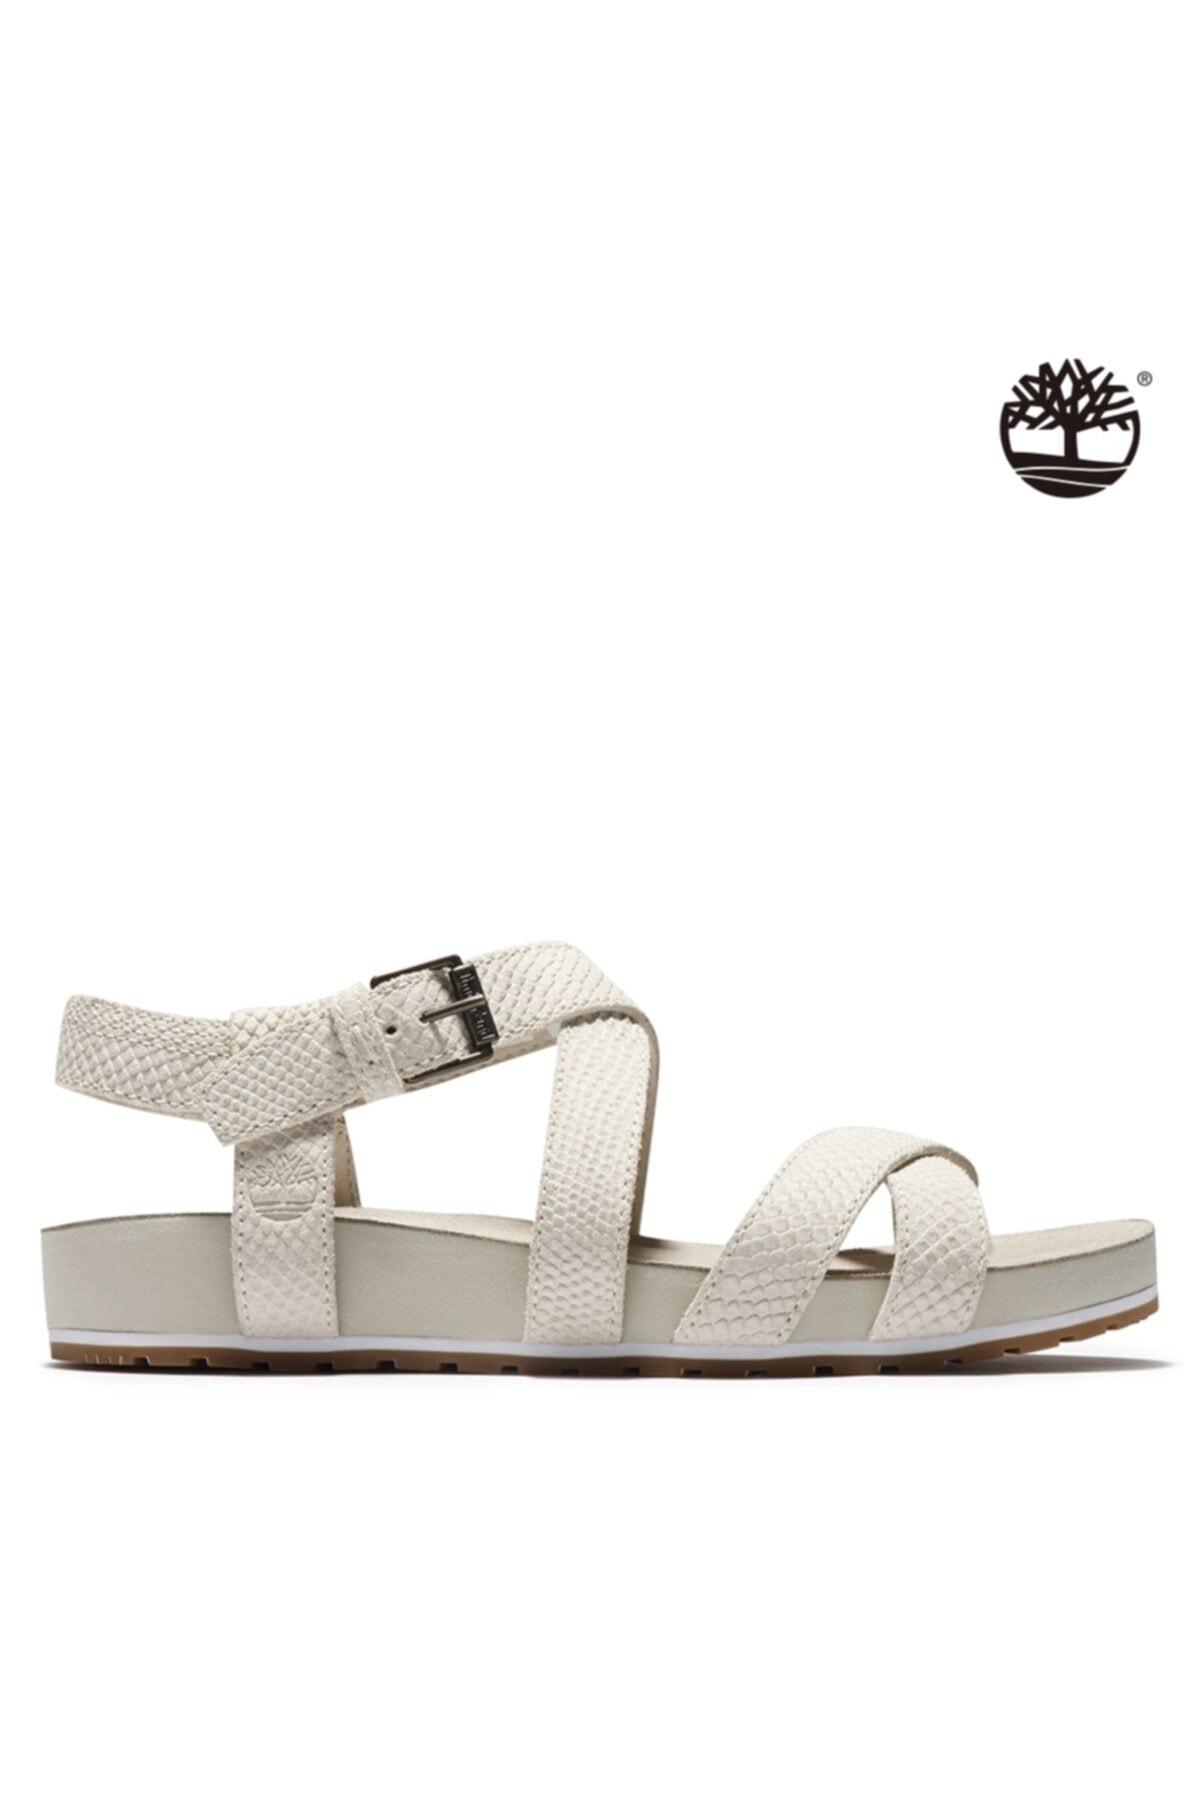 Timberland Kadın Beyaz Sandalet A2atv 2